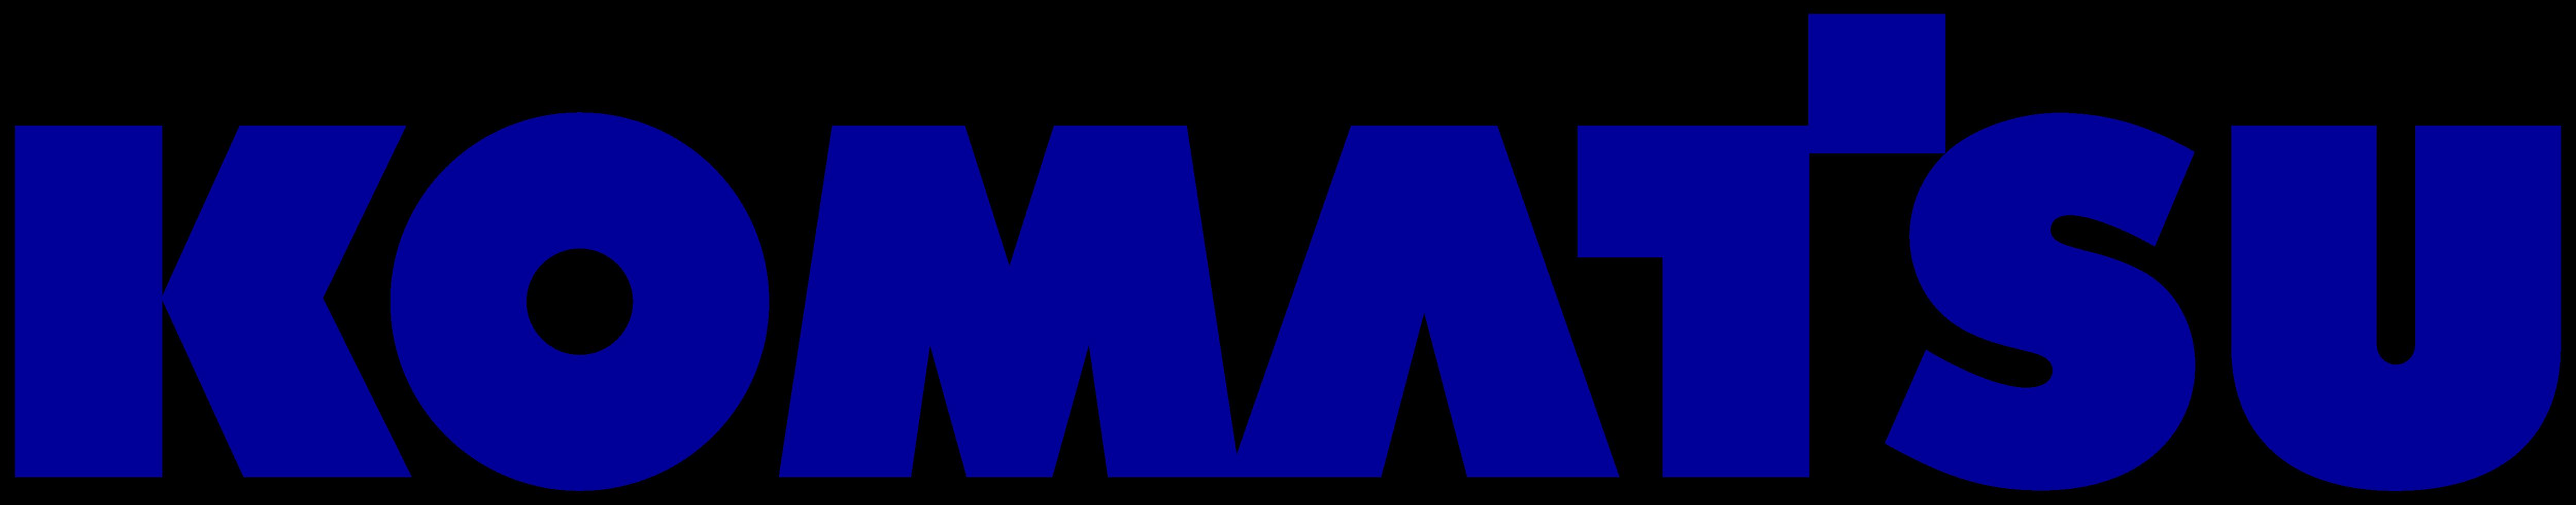 Komatsu Logos Download